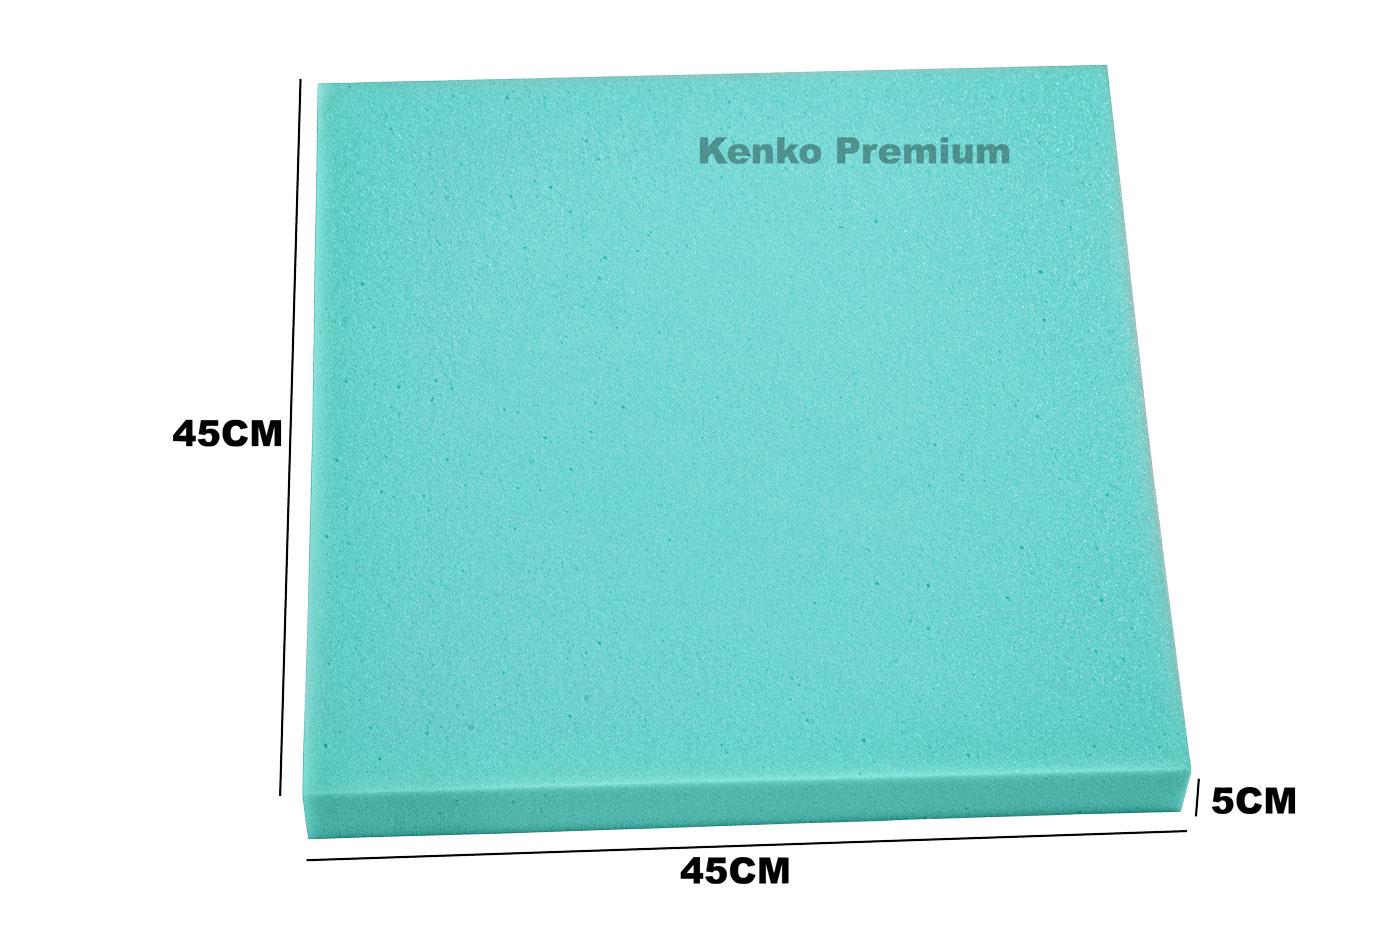 Peça de Espuma Estofado Cadeira 45cm x 45cm X 5cm D33  Kenko Premium  - Kenko Premium Colchões